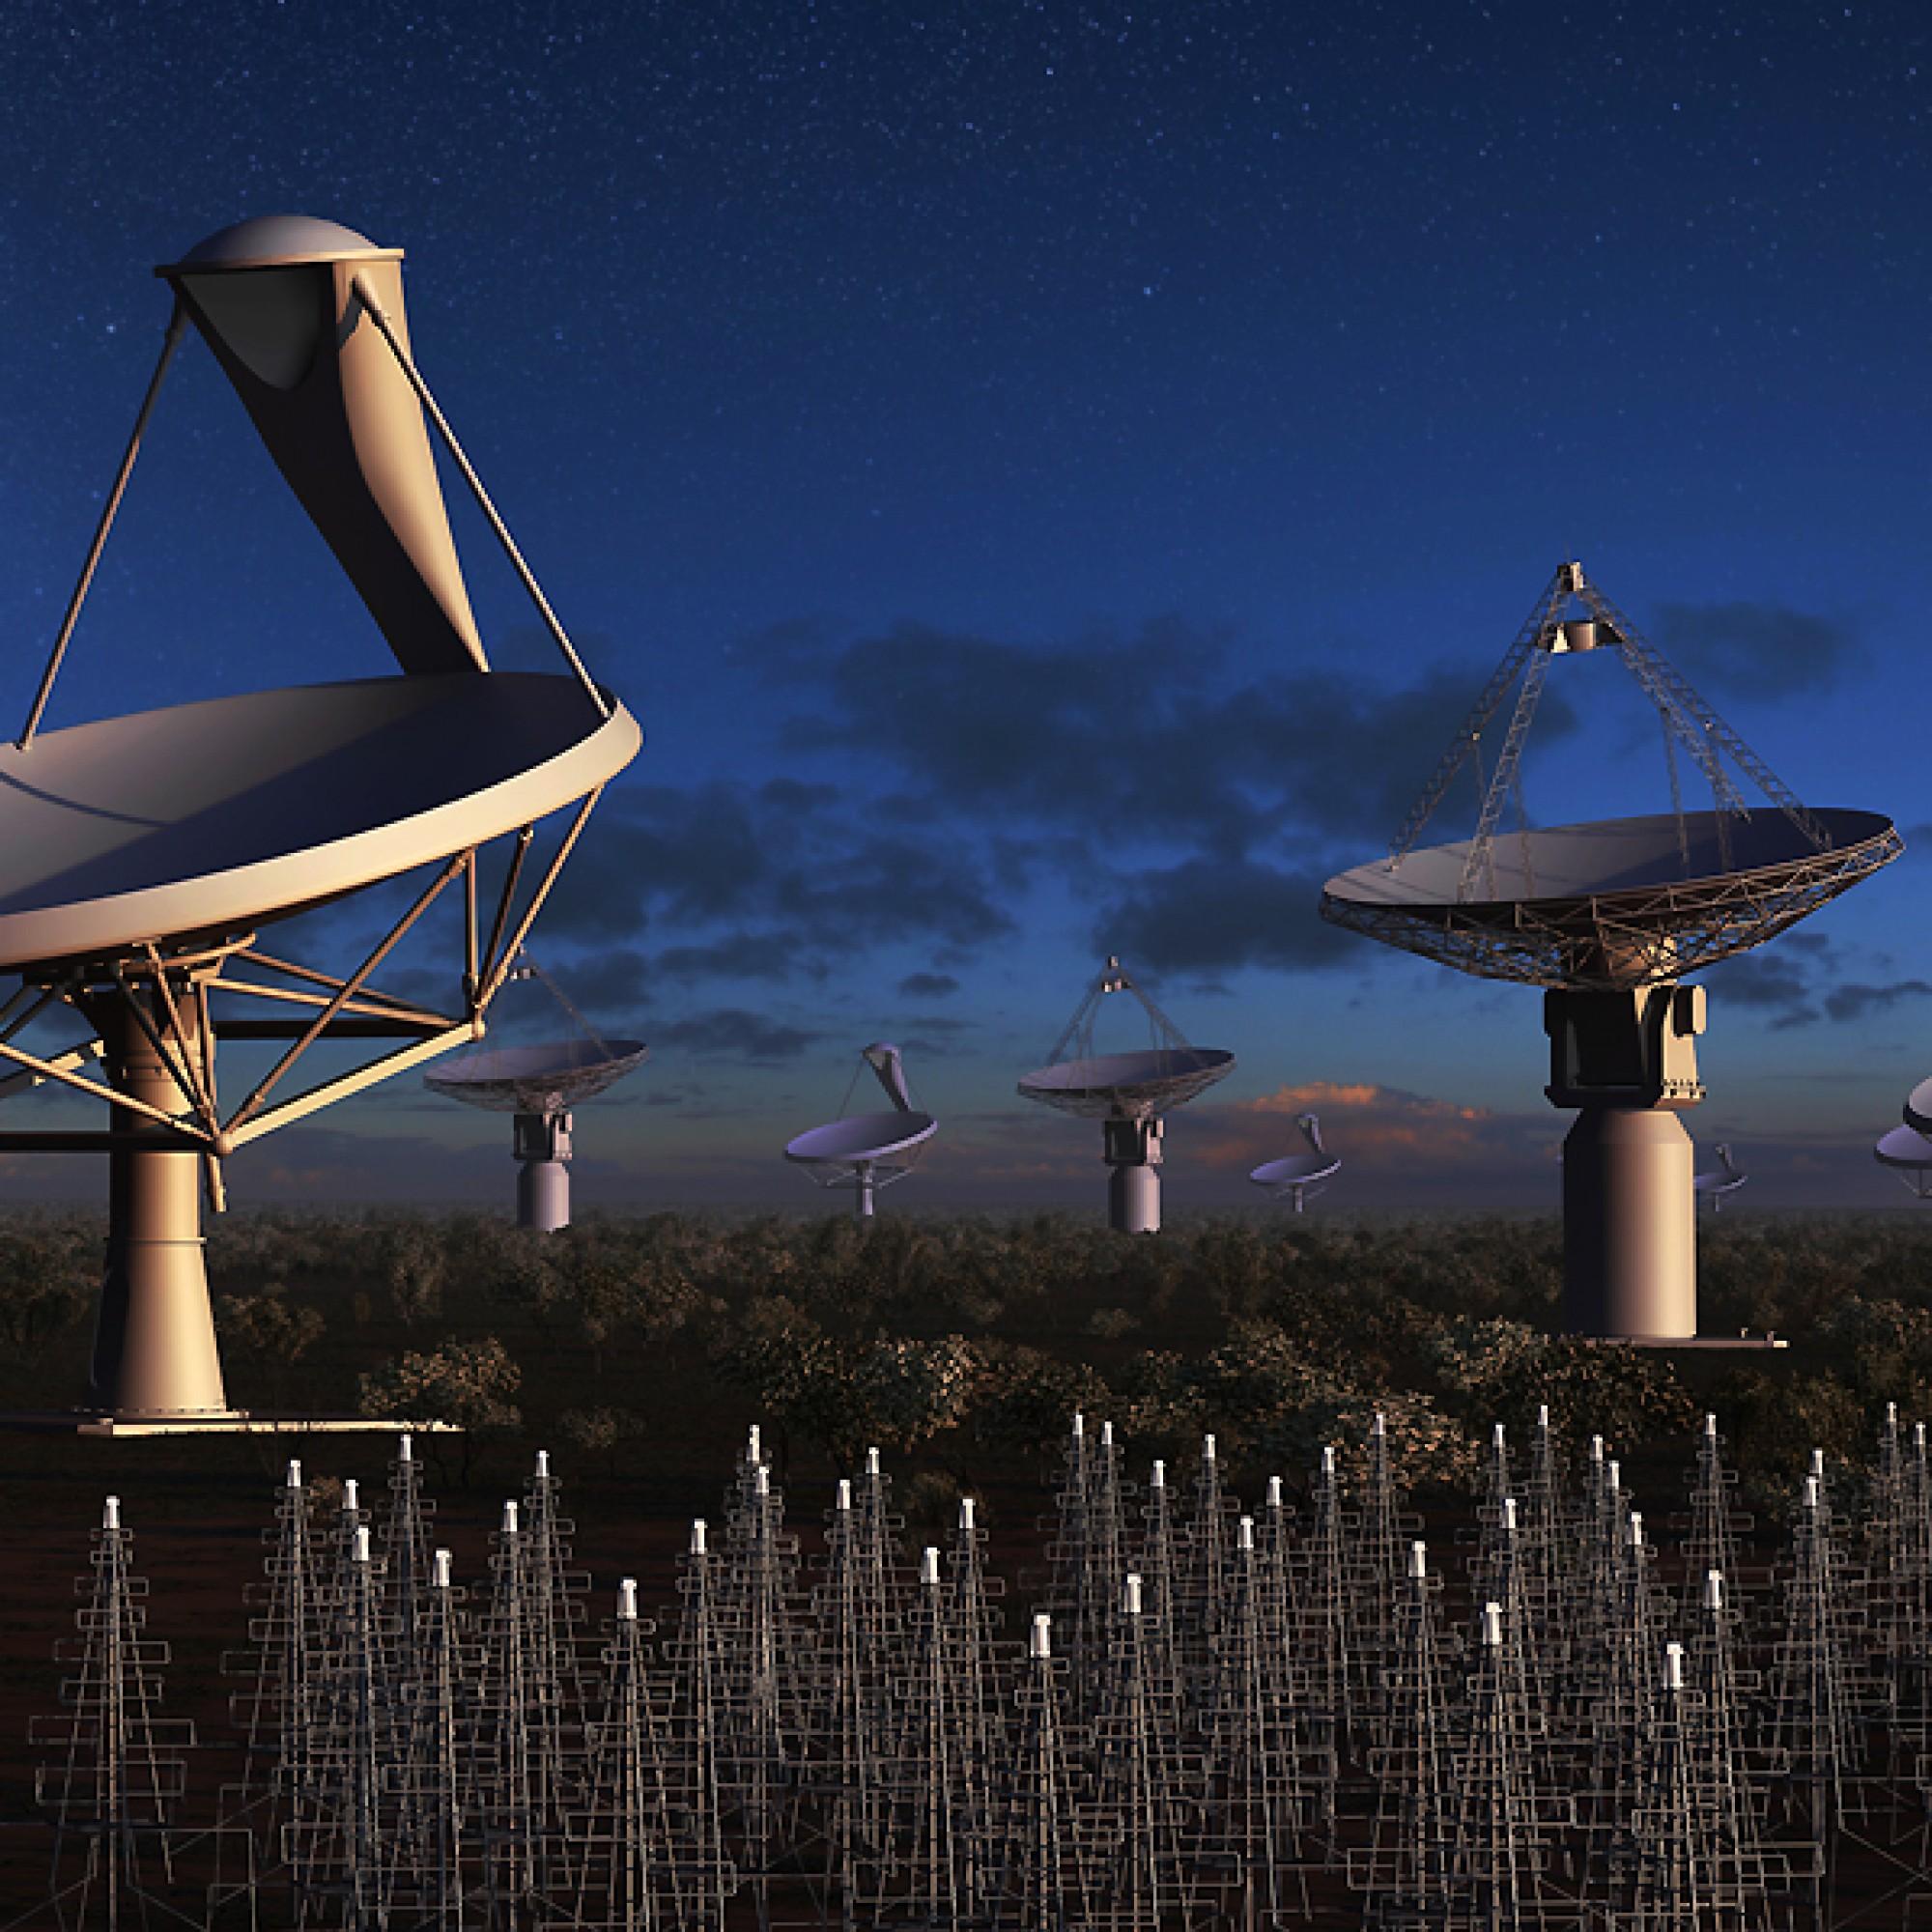 3000 Einzelteleskope und Tausende von Antennen sollen Daten liefern und neue Blicke ins All ermöglichen. (PD)